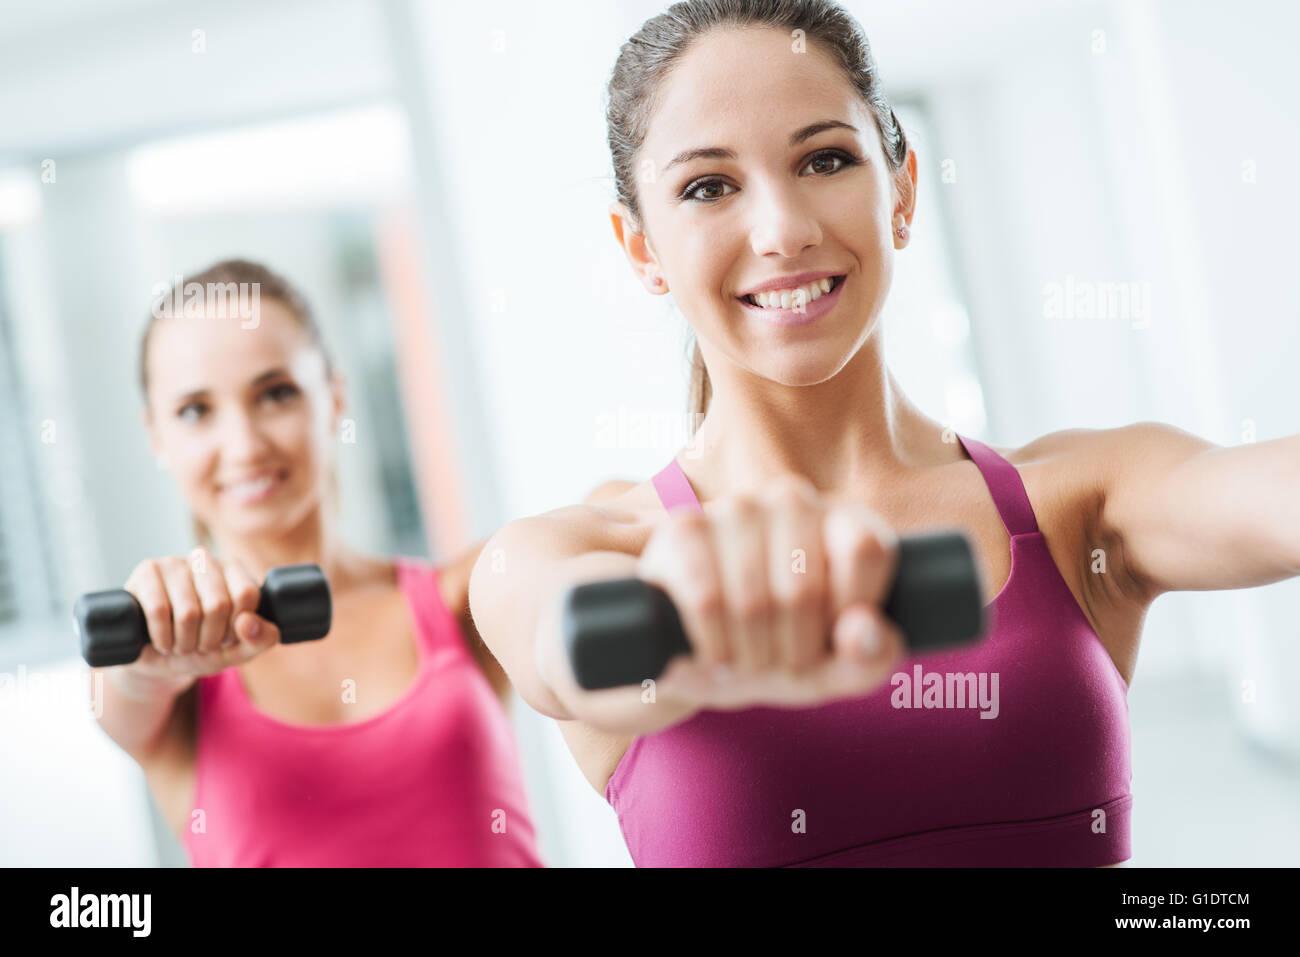 Teen deportivo gimnasio chicas de ejercicio y pesas con pesas, cuidado del cuerpo y el concepto de entrenamiento Imagen De Stock